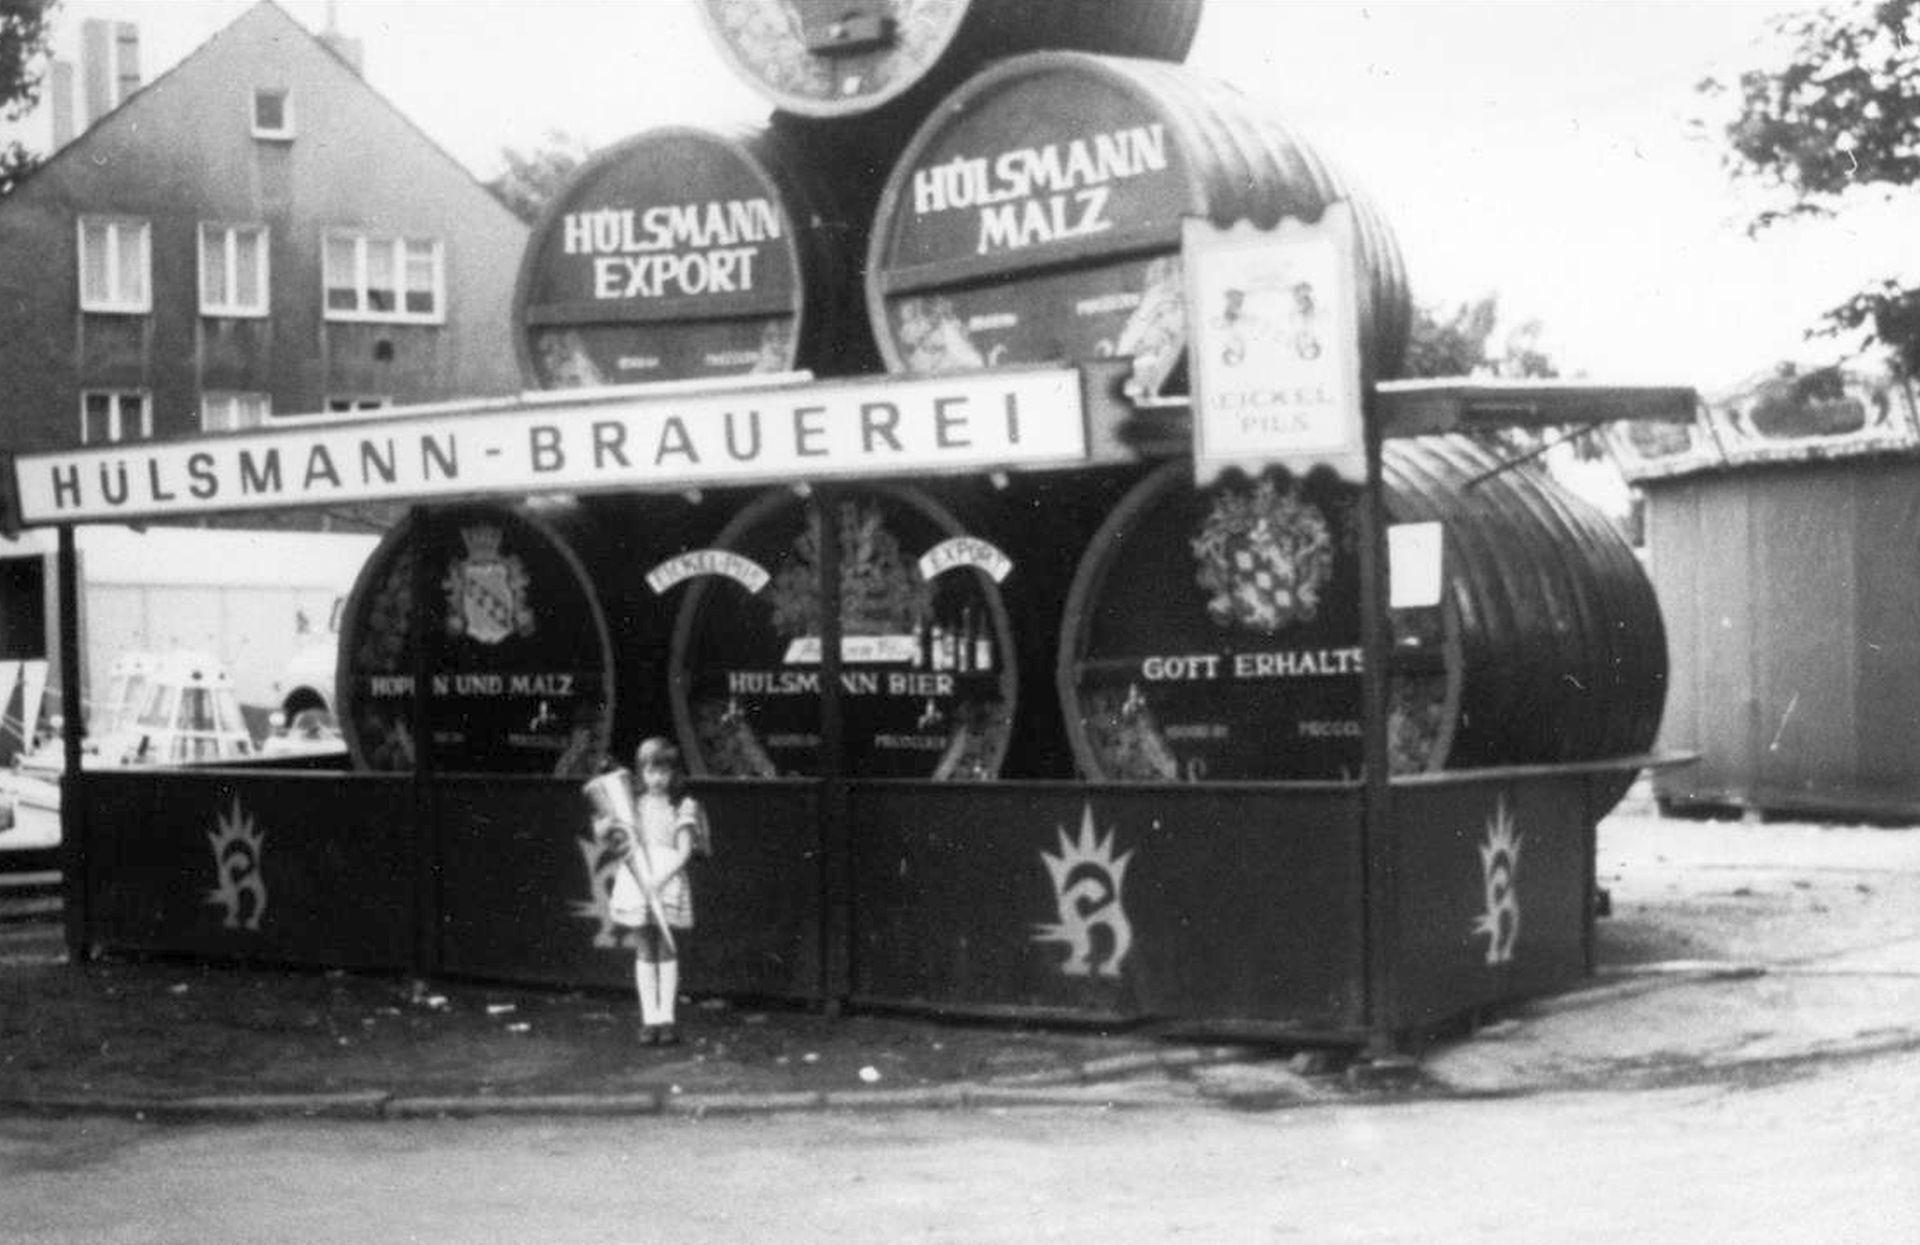 Natürlich durfte das Eickeler Hülsmann Bier auf dem Cranger Jahrmarkt nicht fehlen, undatiertes Foto.jpg